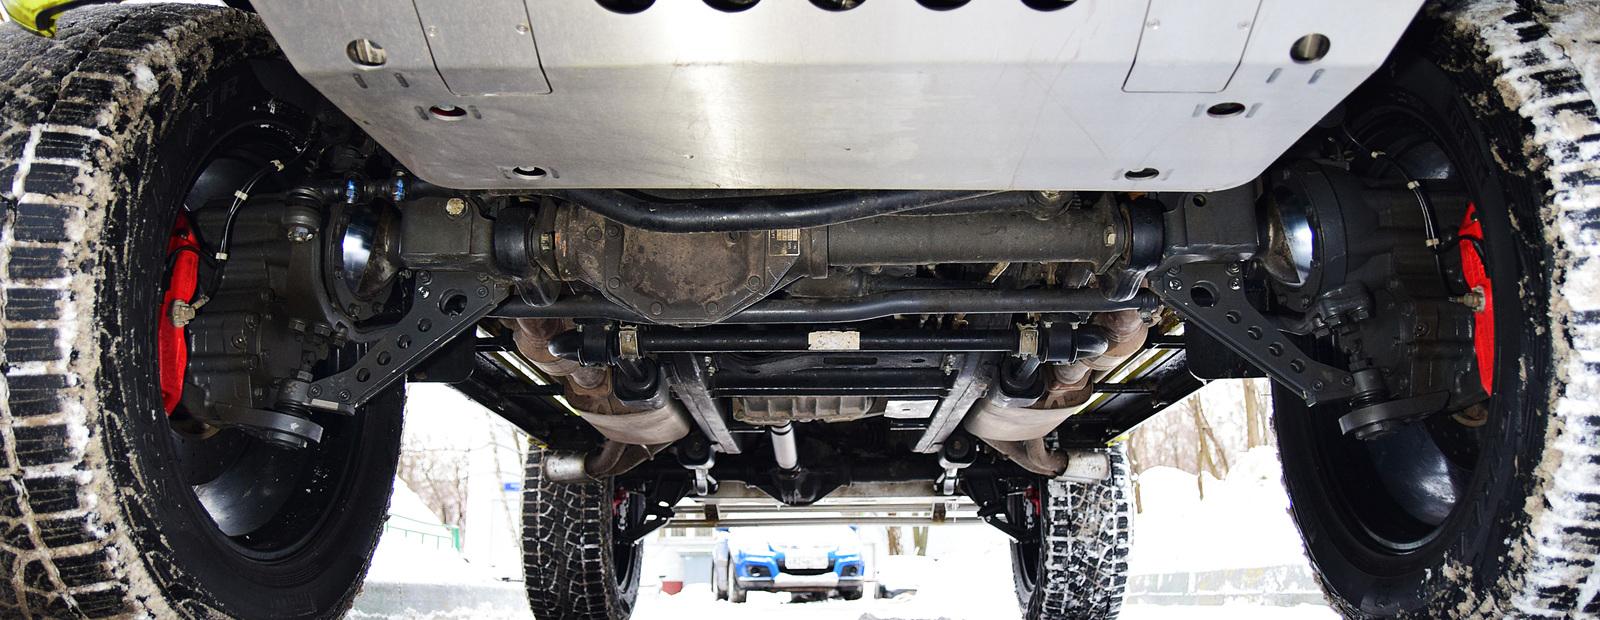 Посчитали-прослезились: мосты с портальными редукторами для Mercedes G 500 4?4?